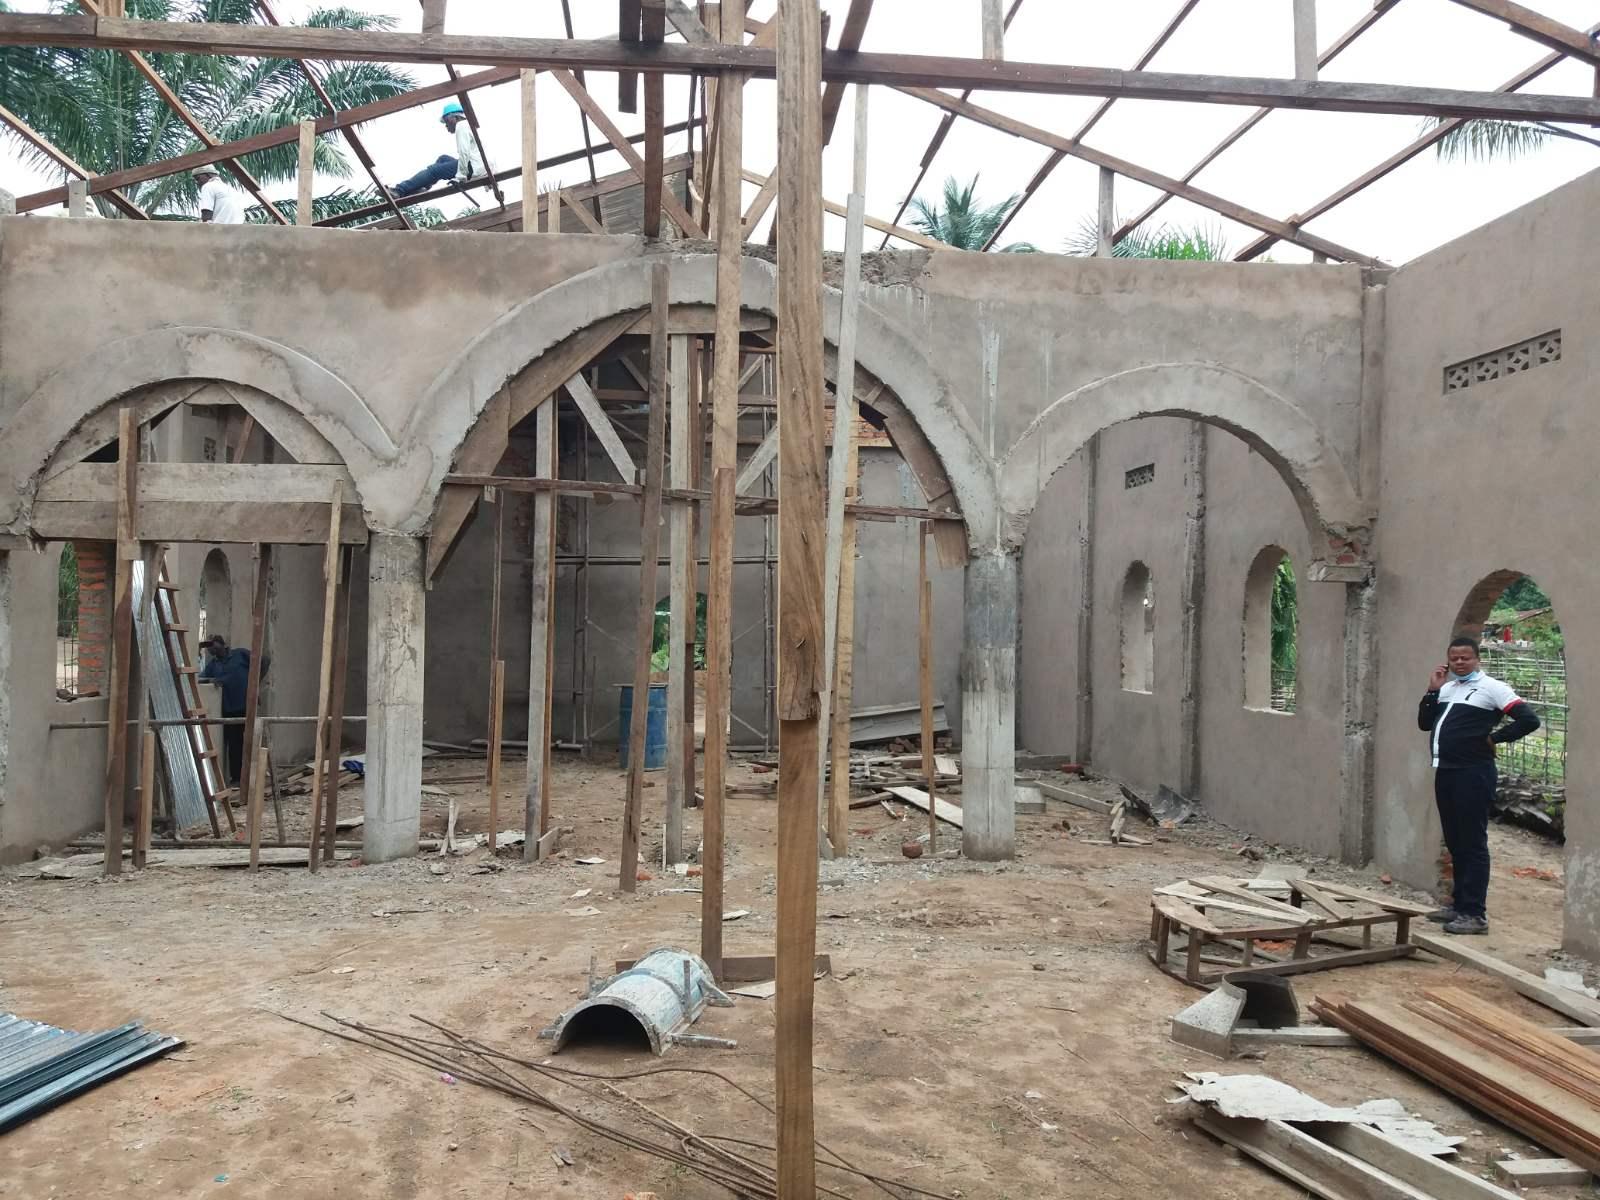 Προχωρούν οι εργασίες ανέγερσης Ι.Ν. Αγίου Παϊσίου του Αγιορείτου στην Κανάγκα του Αγρινιώτη Μητροπολίτη Θεοδόσιου